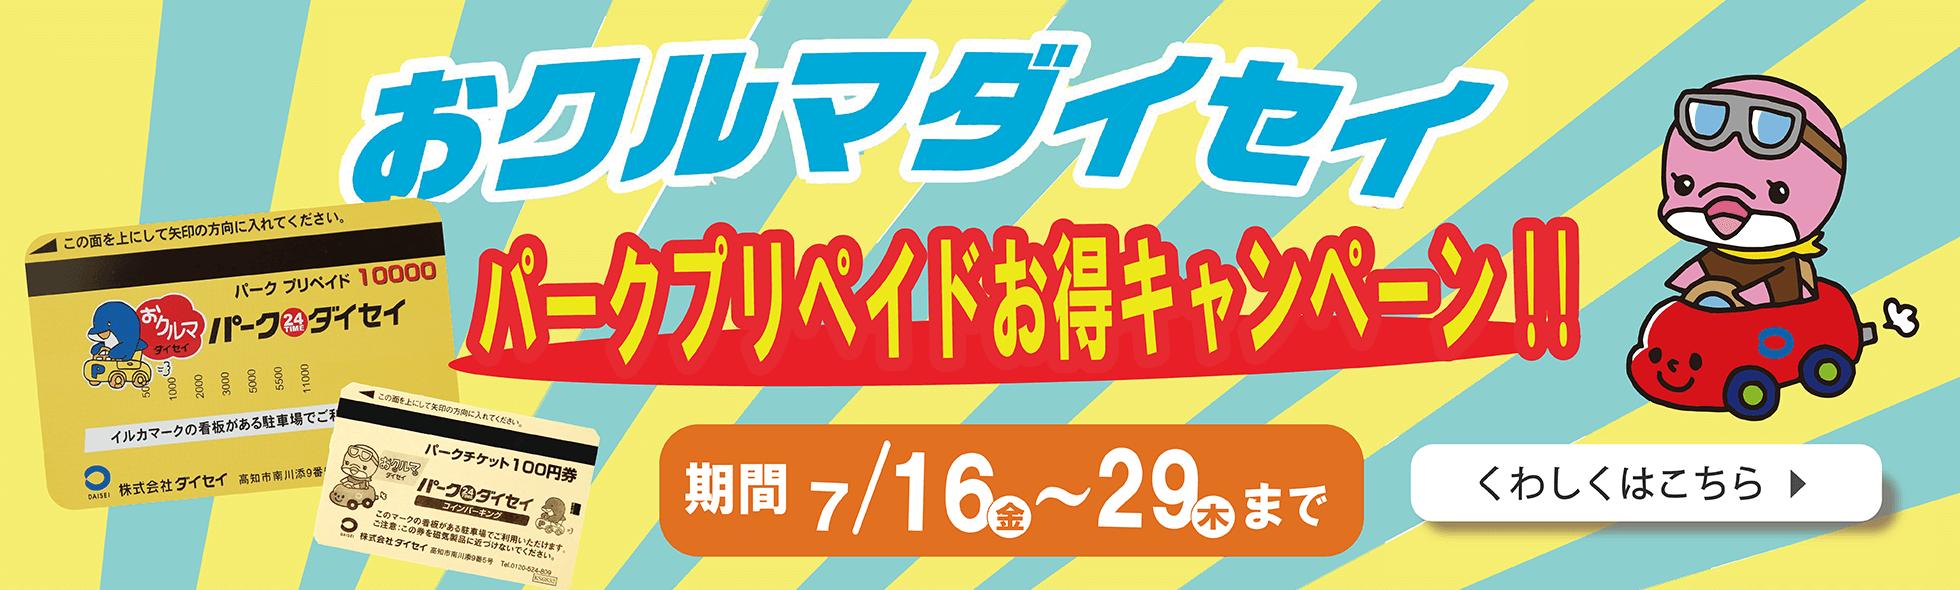 パークプリペイドカードお得キャンペーン